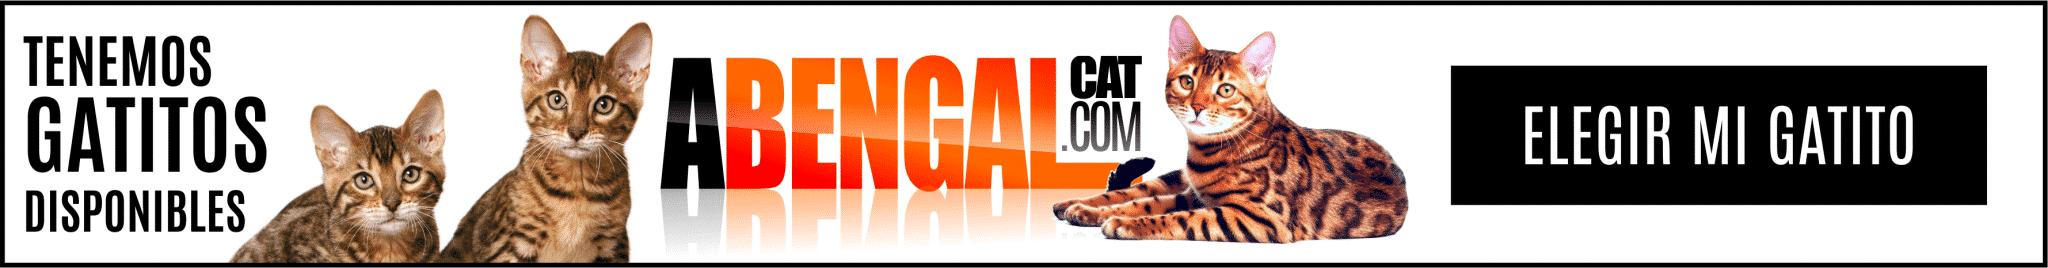 banners-elegir-gatitobengal